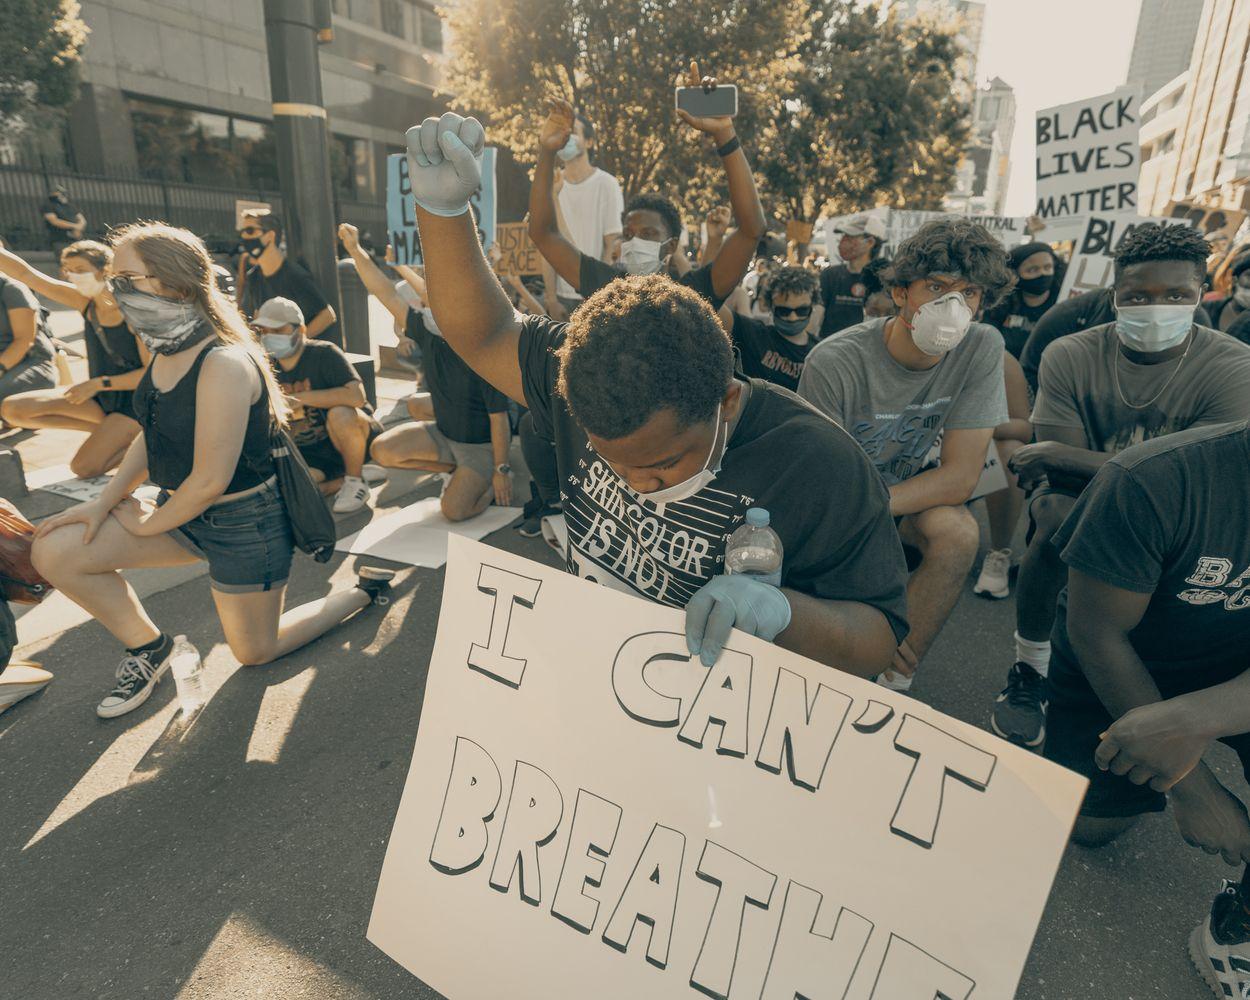 Afbeelding van Hoe is de situatie in Nederland een jaar na de Black Lives Matter-protesten?